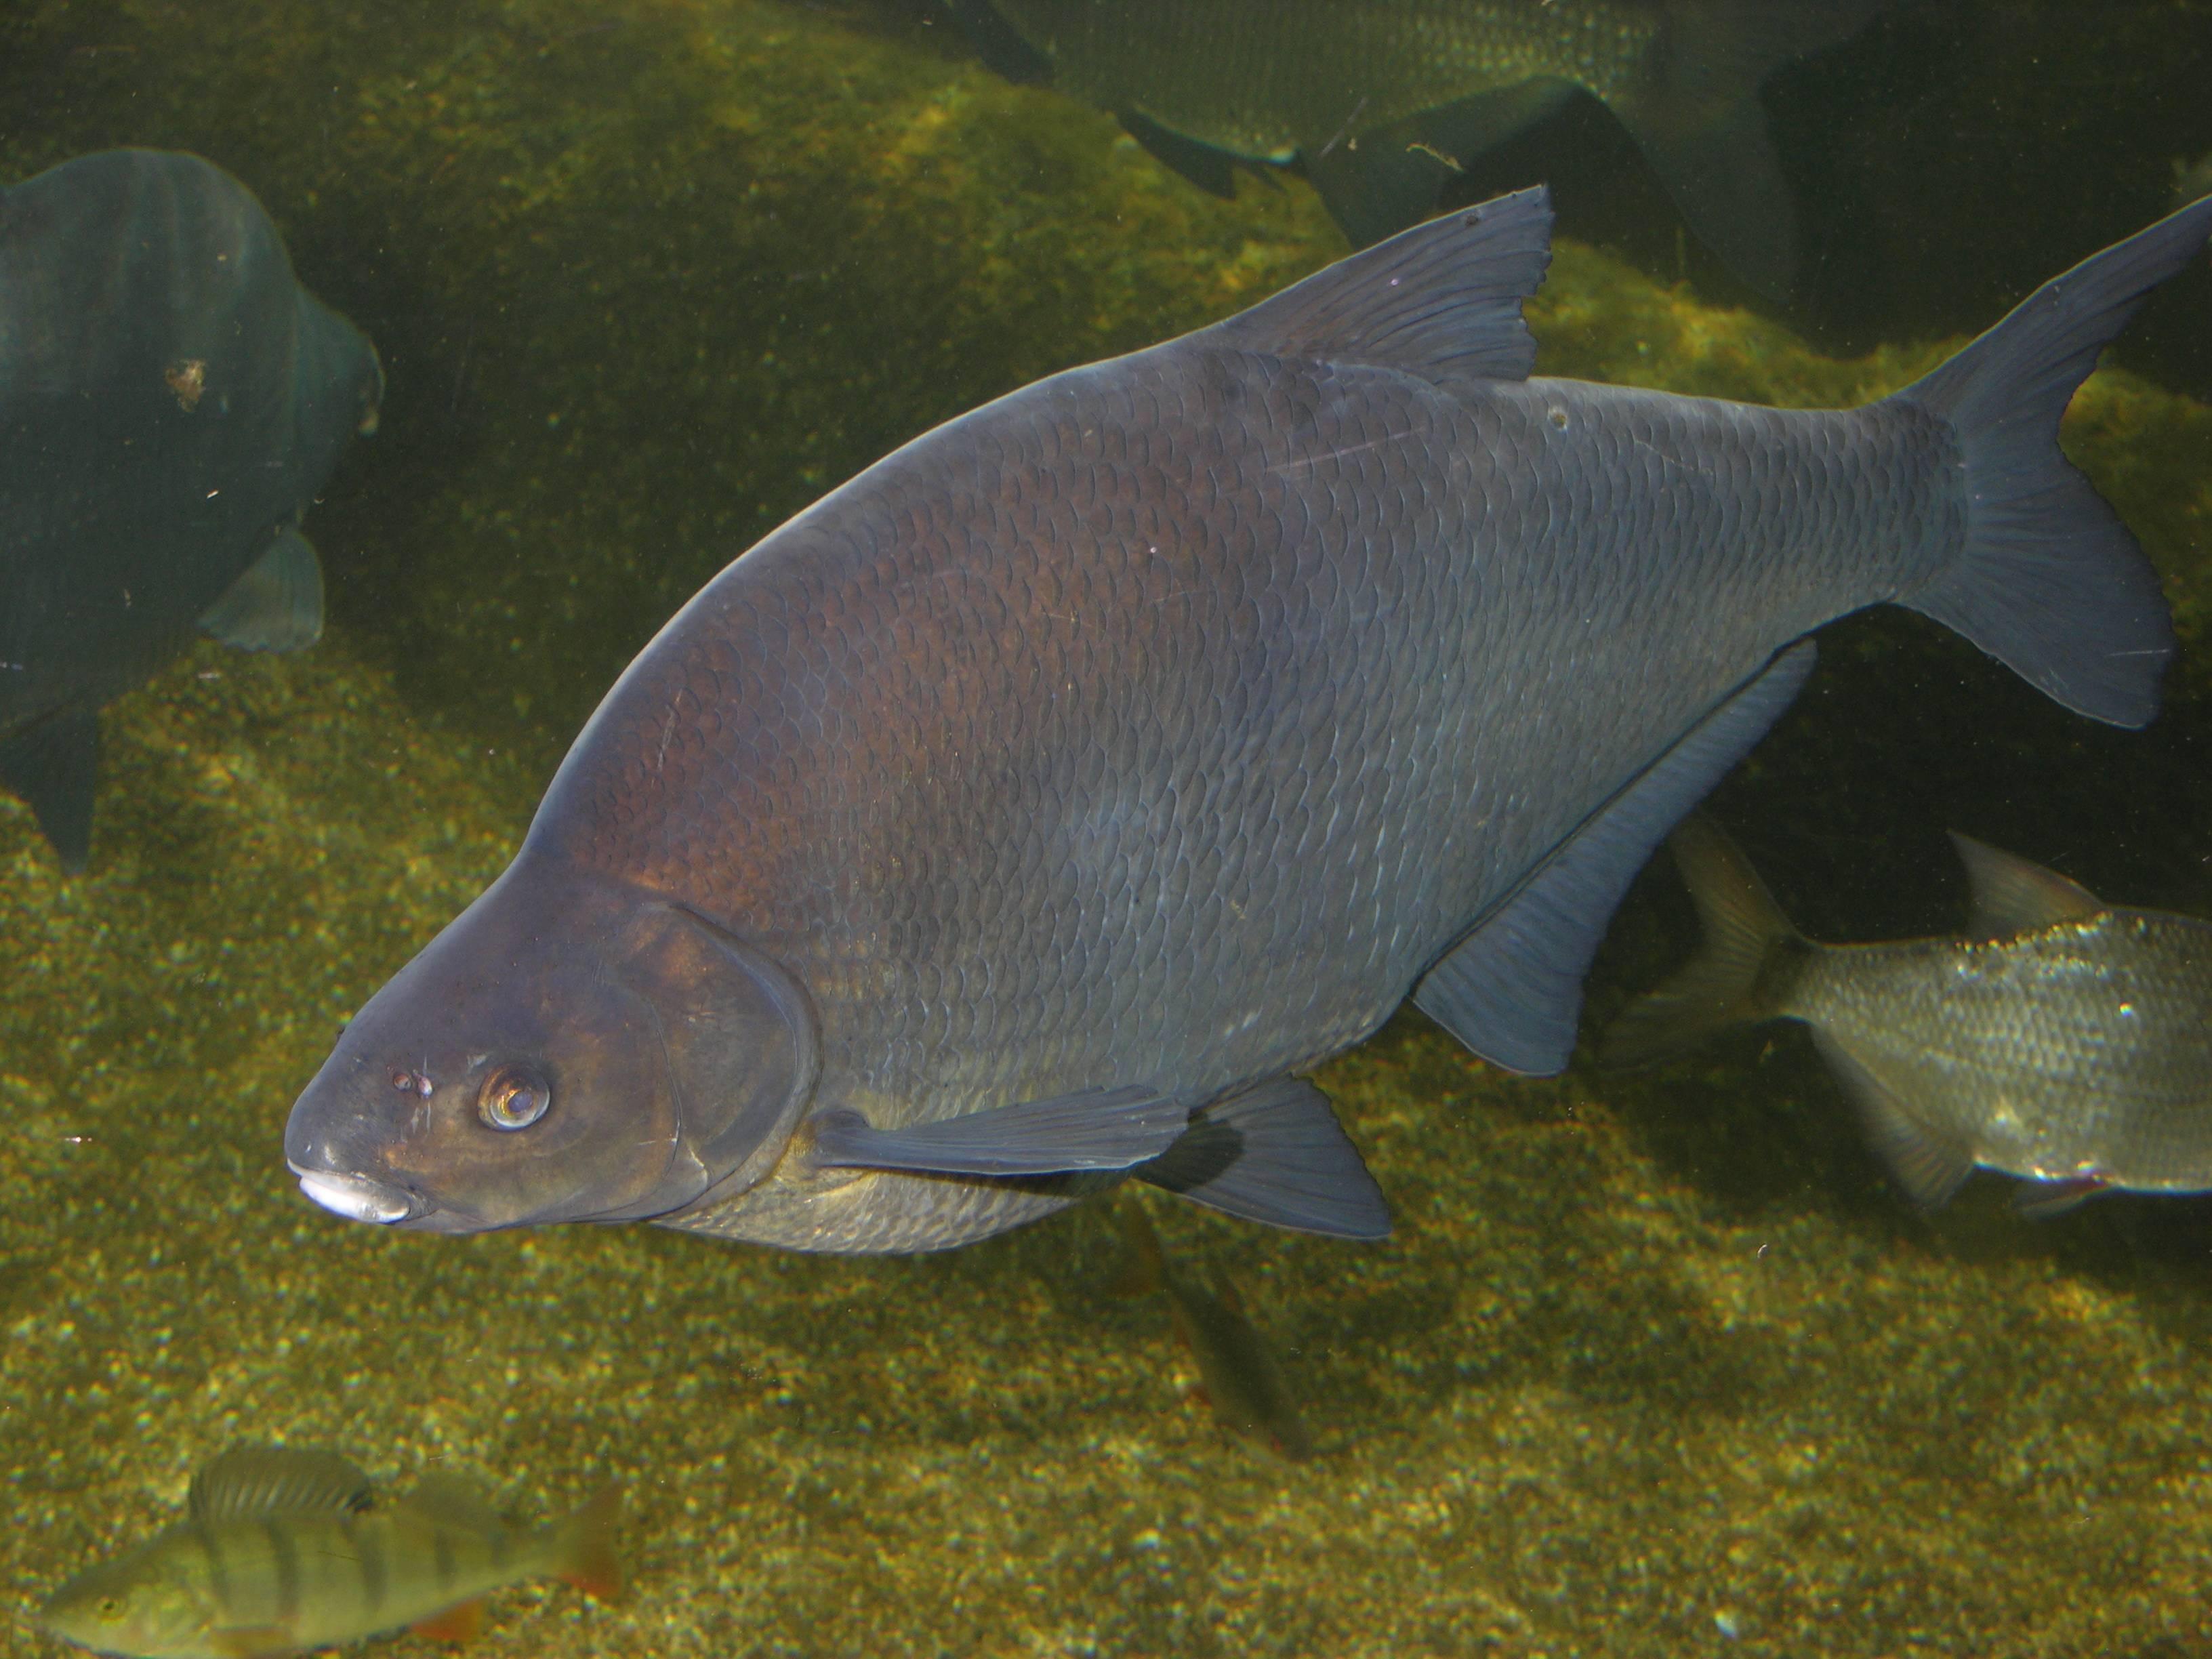 Рыба амур (белый, черный): описание и фото, как выглядит, где обитает